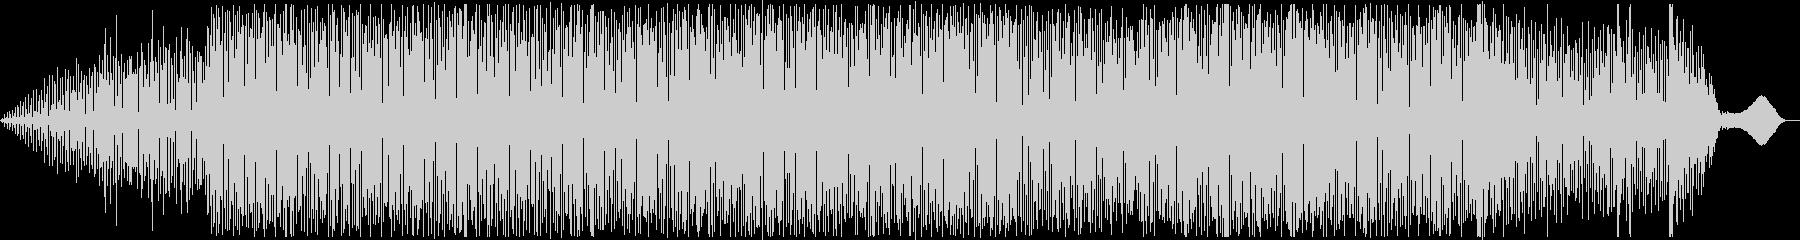 ゆったり穏やかなテクノ(アナログシンセ)の未再生の波形